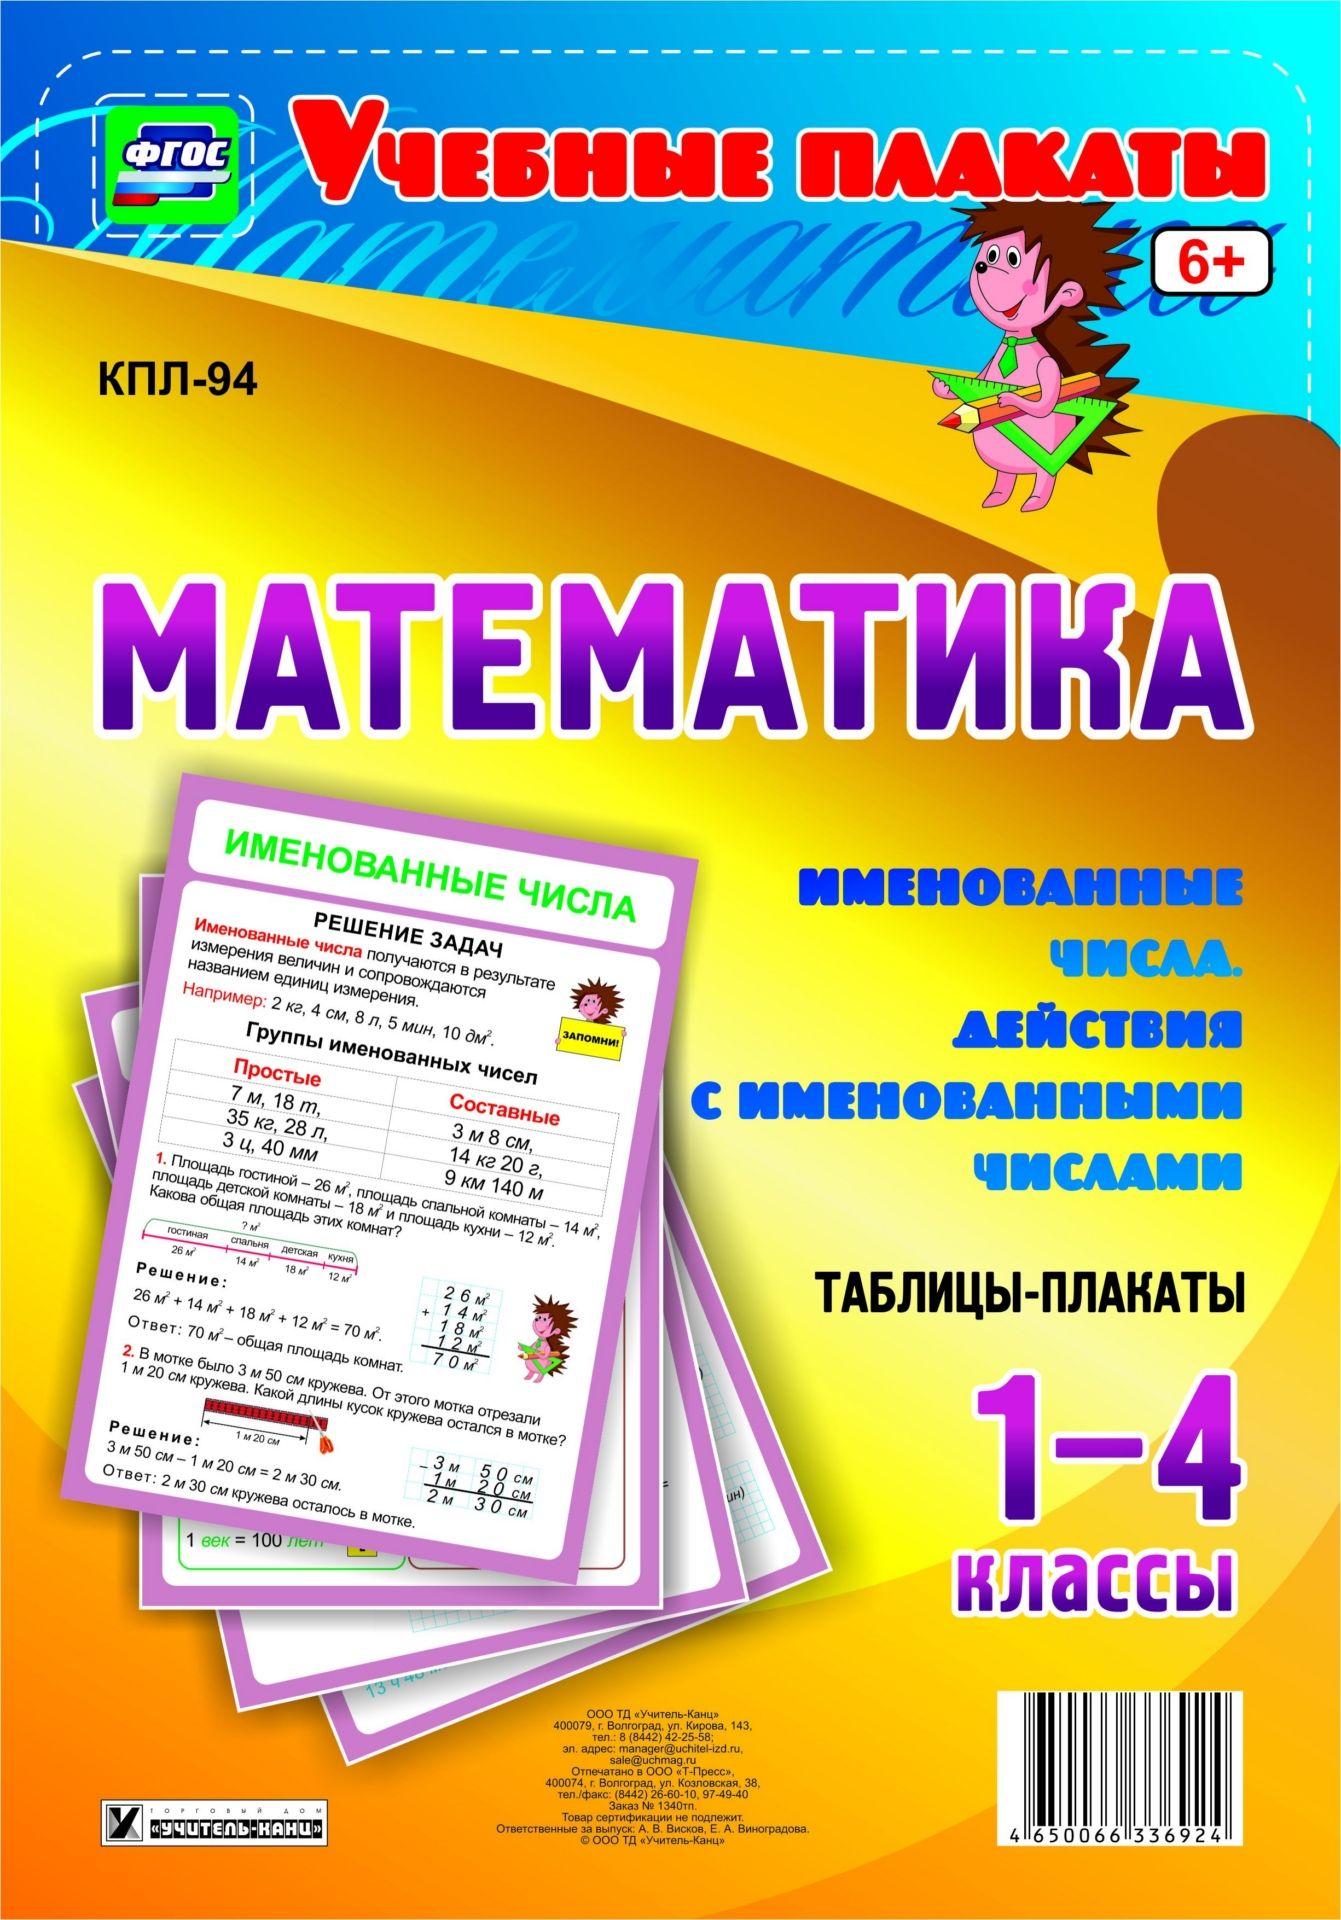 Купить со скидкой Математика. 1-4 классы. Именованные числа. Действия с именованными числами: 4 плаката